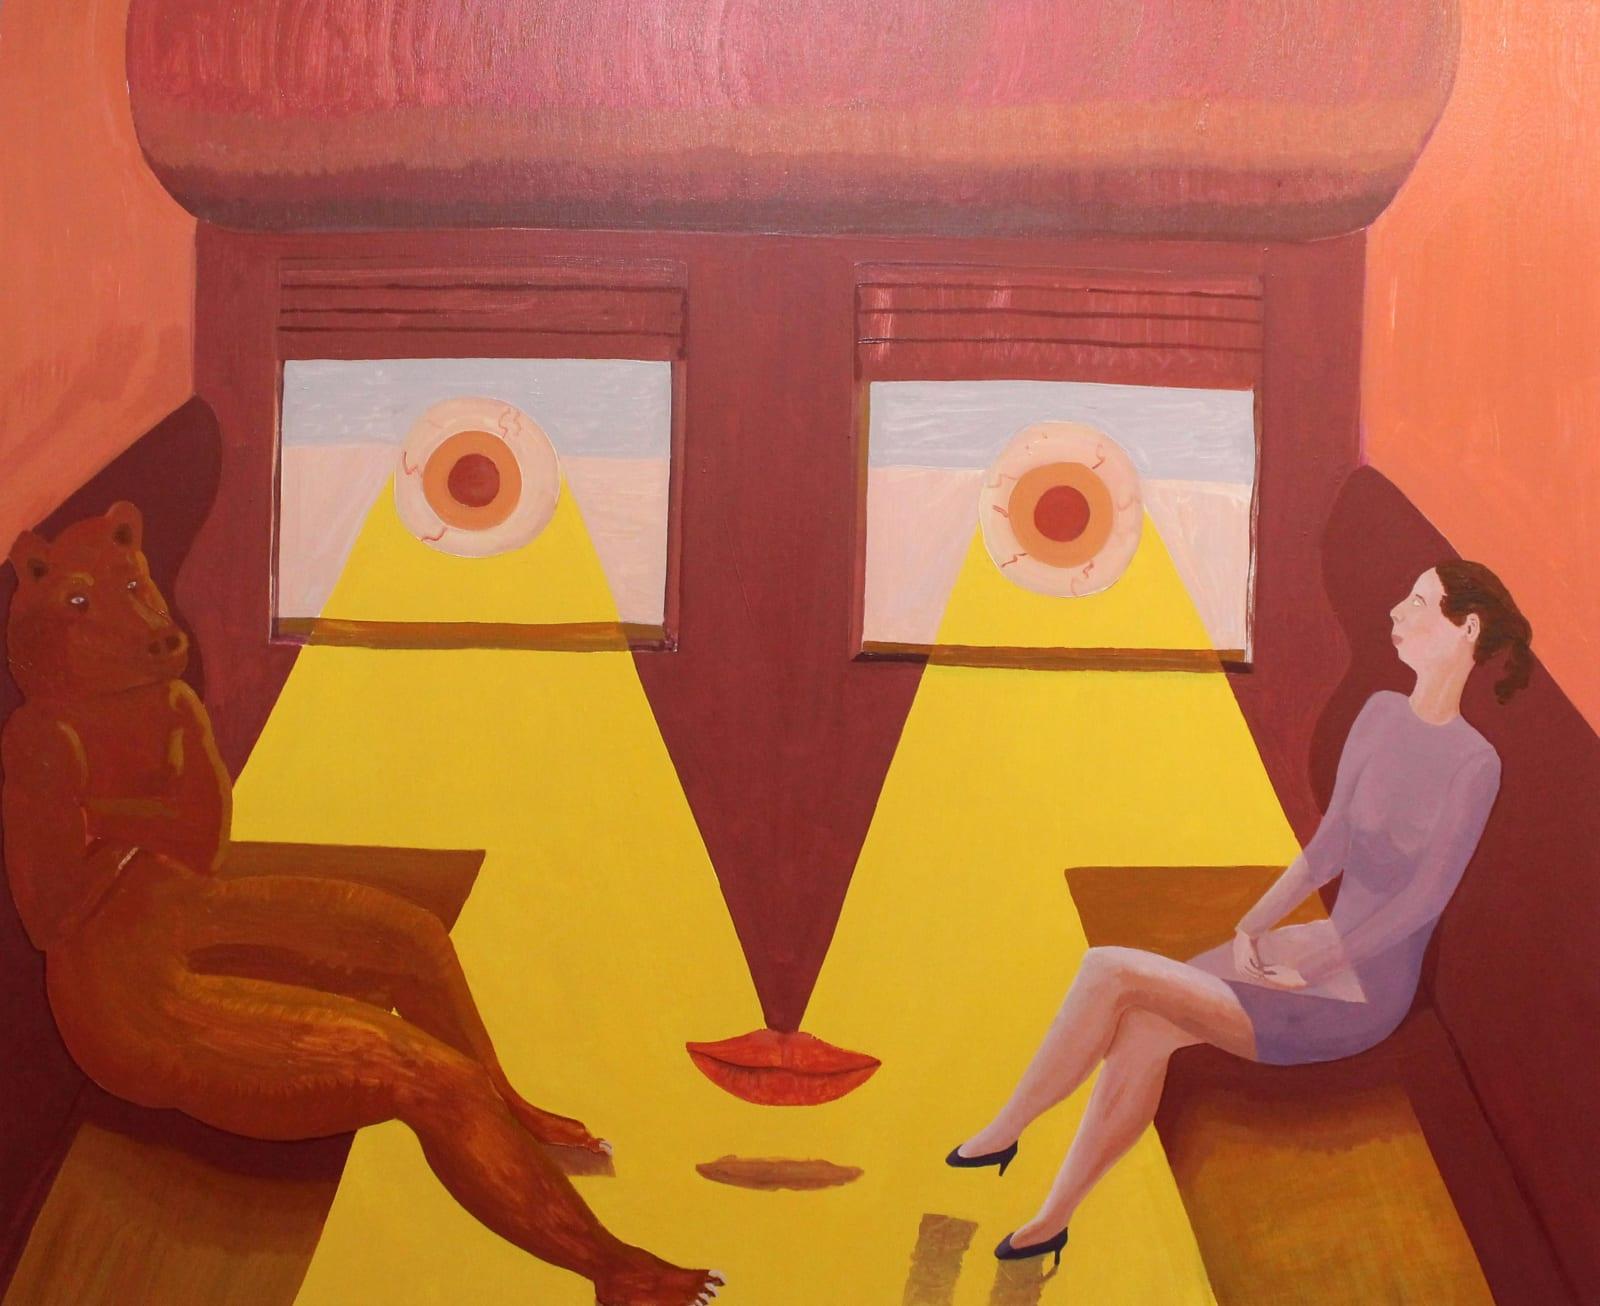 Oscar Fouz Lopez Don't look back, baby Oil on canvas 100 x 120 cm